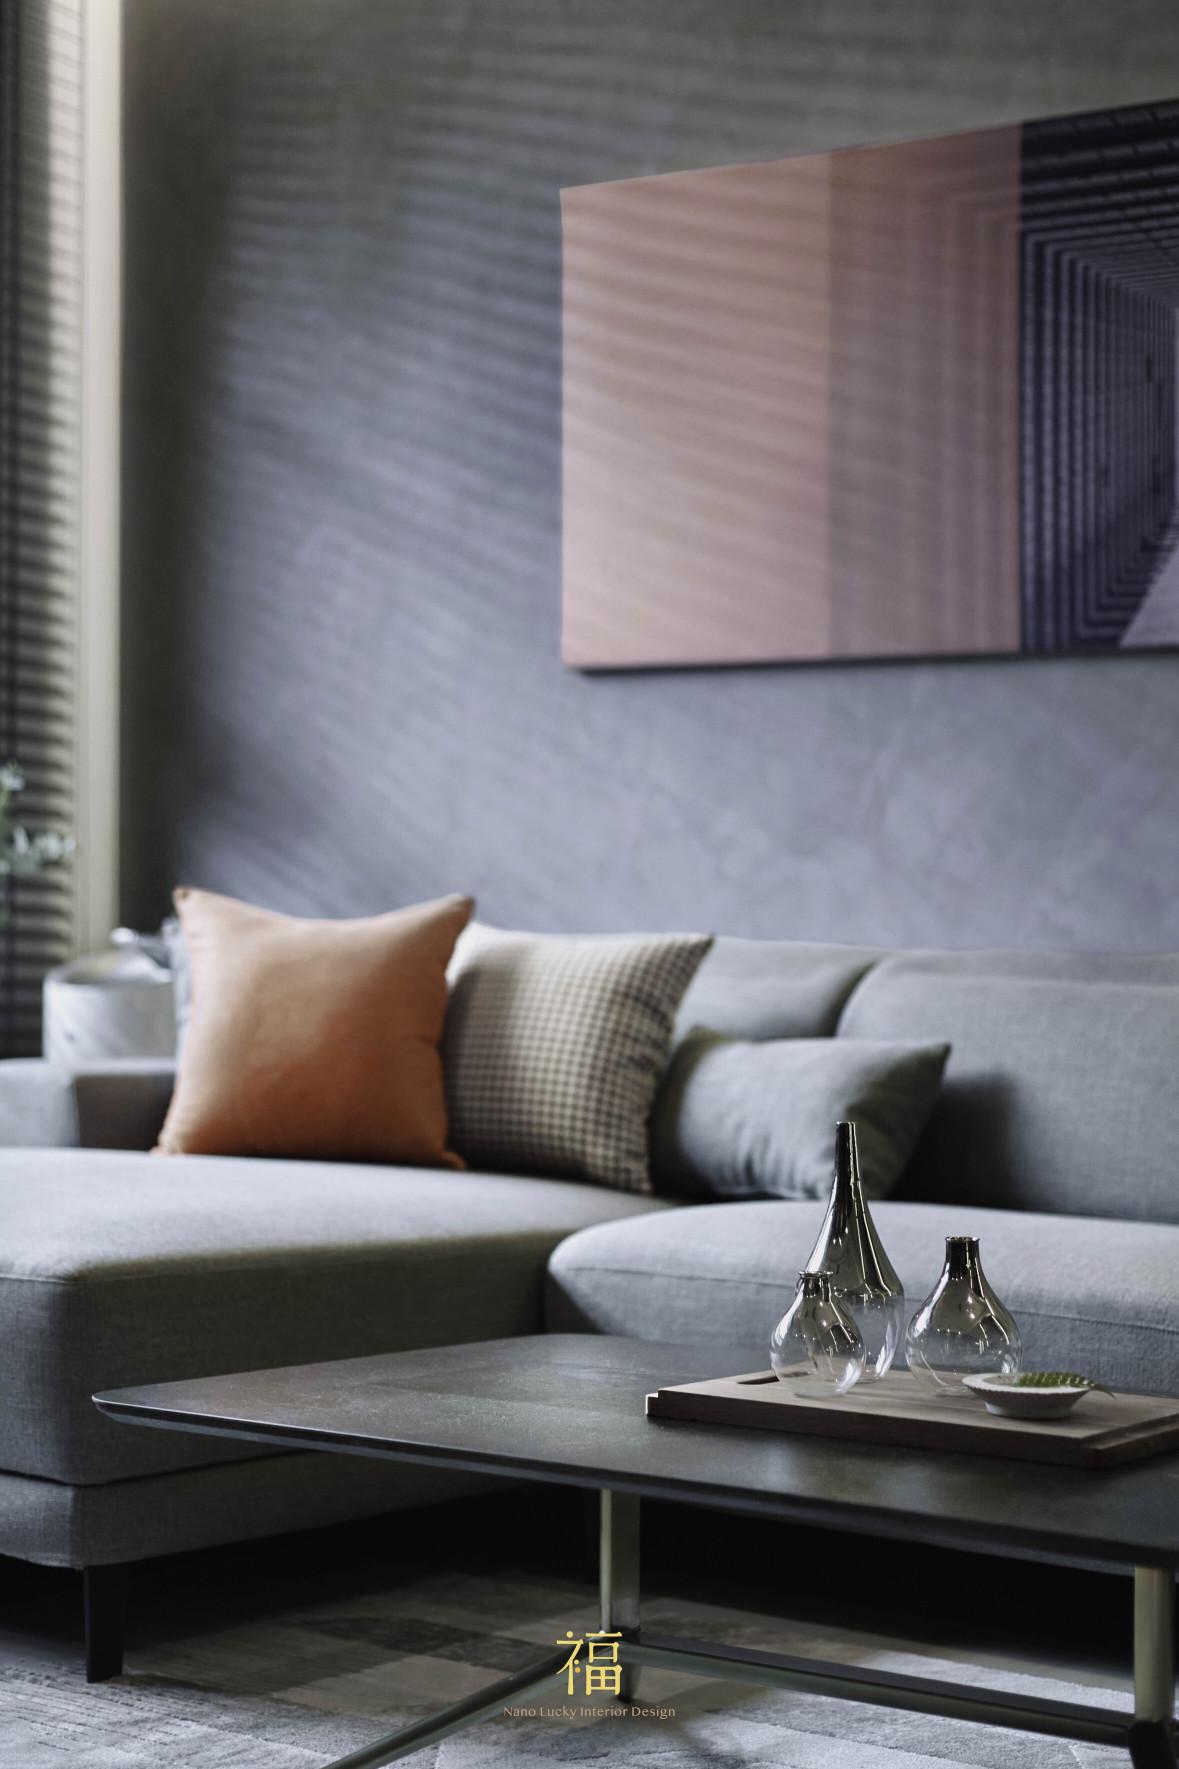 福宅雅居|灰色系客廳空間|嘉義住宅空間設計